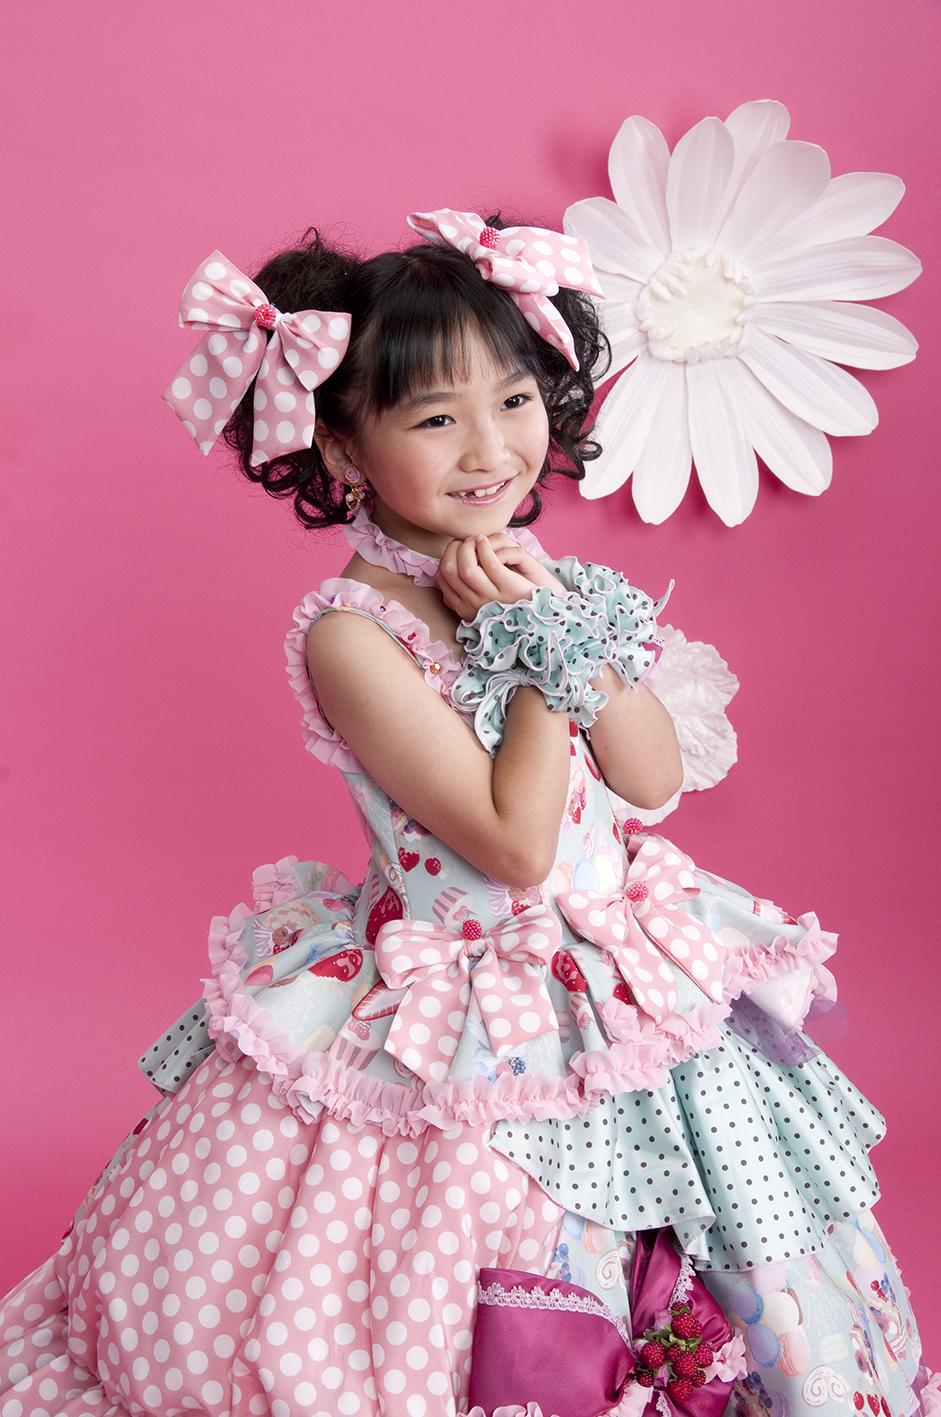 同時開催のドレスキャンペーンはプリンセスに憧れる女の子にオススメ!七五三は着物だけしか撮らなかった方、七五三は終わったけどもう一度ドレスが着たい!